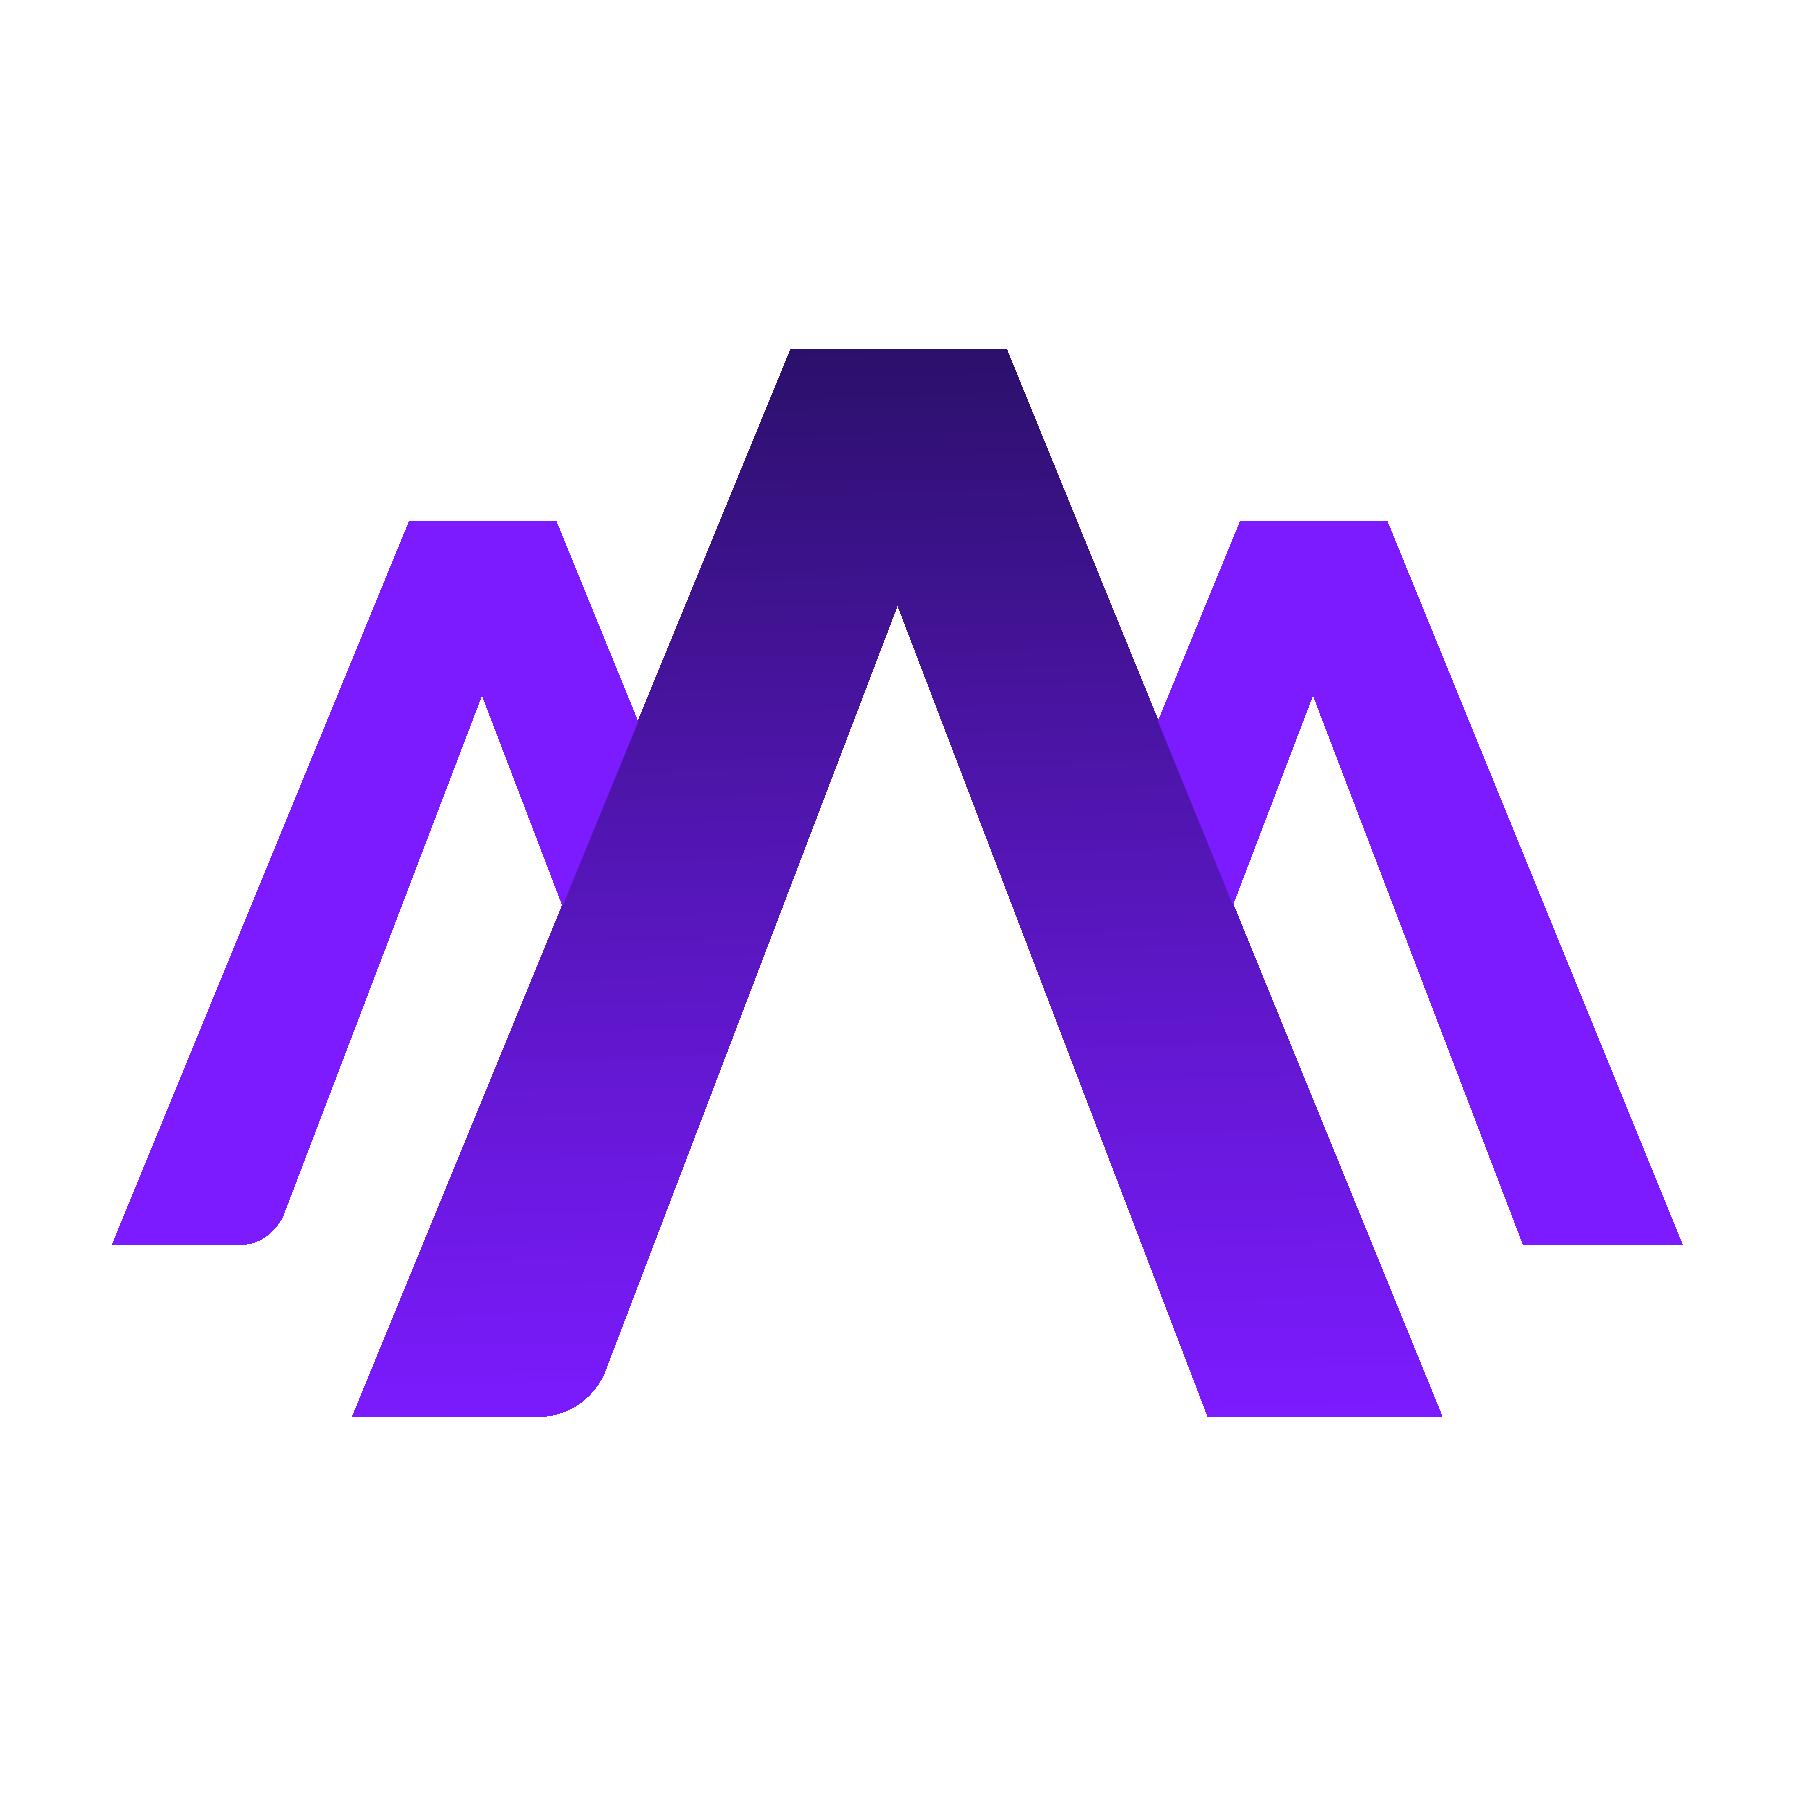 VYTALS benefit icon collaboration